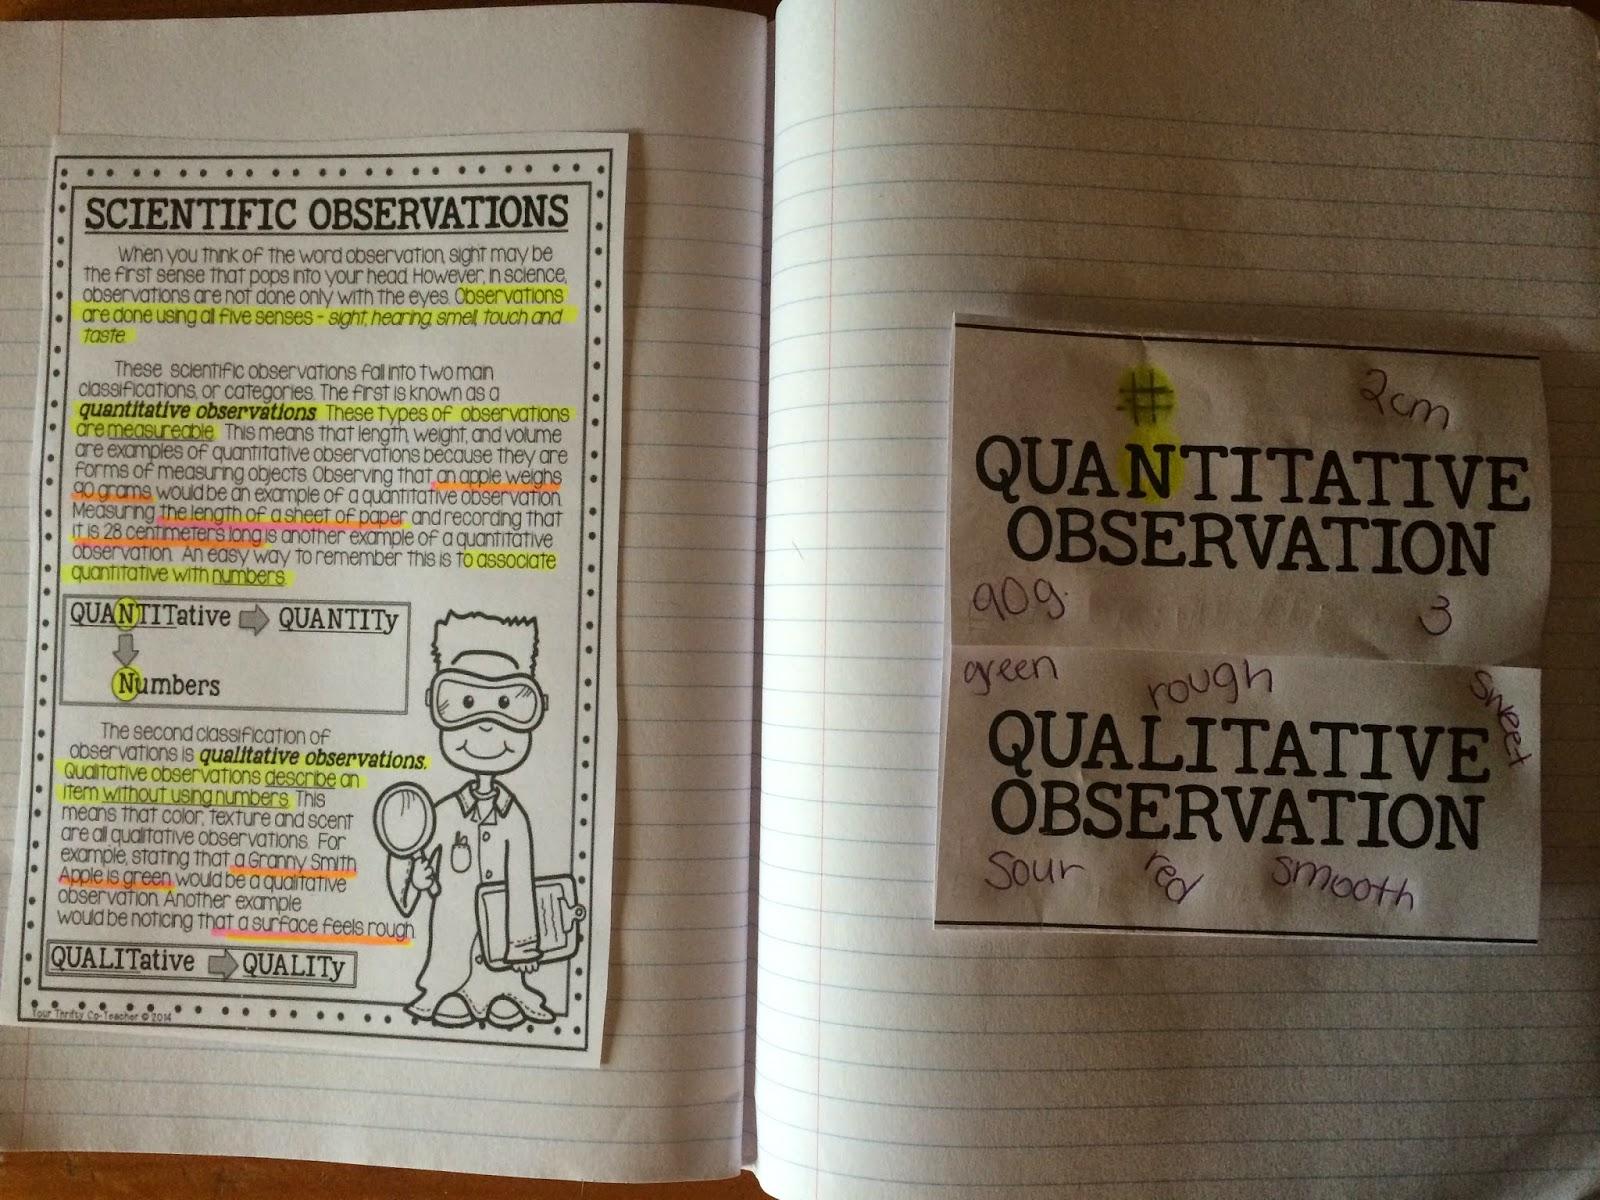 Taking A Closer Look Qualitative And Quantitative